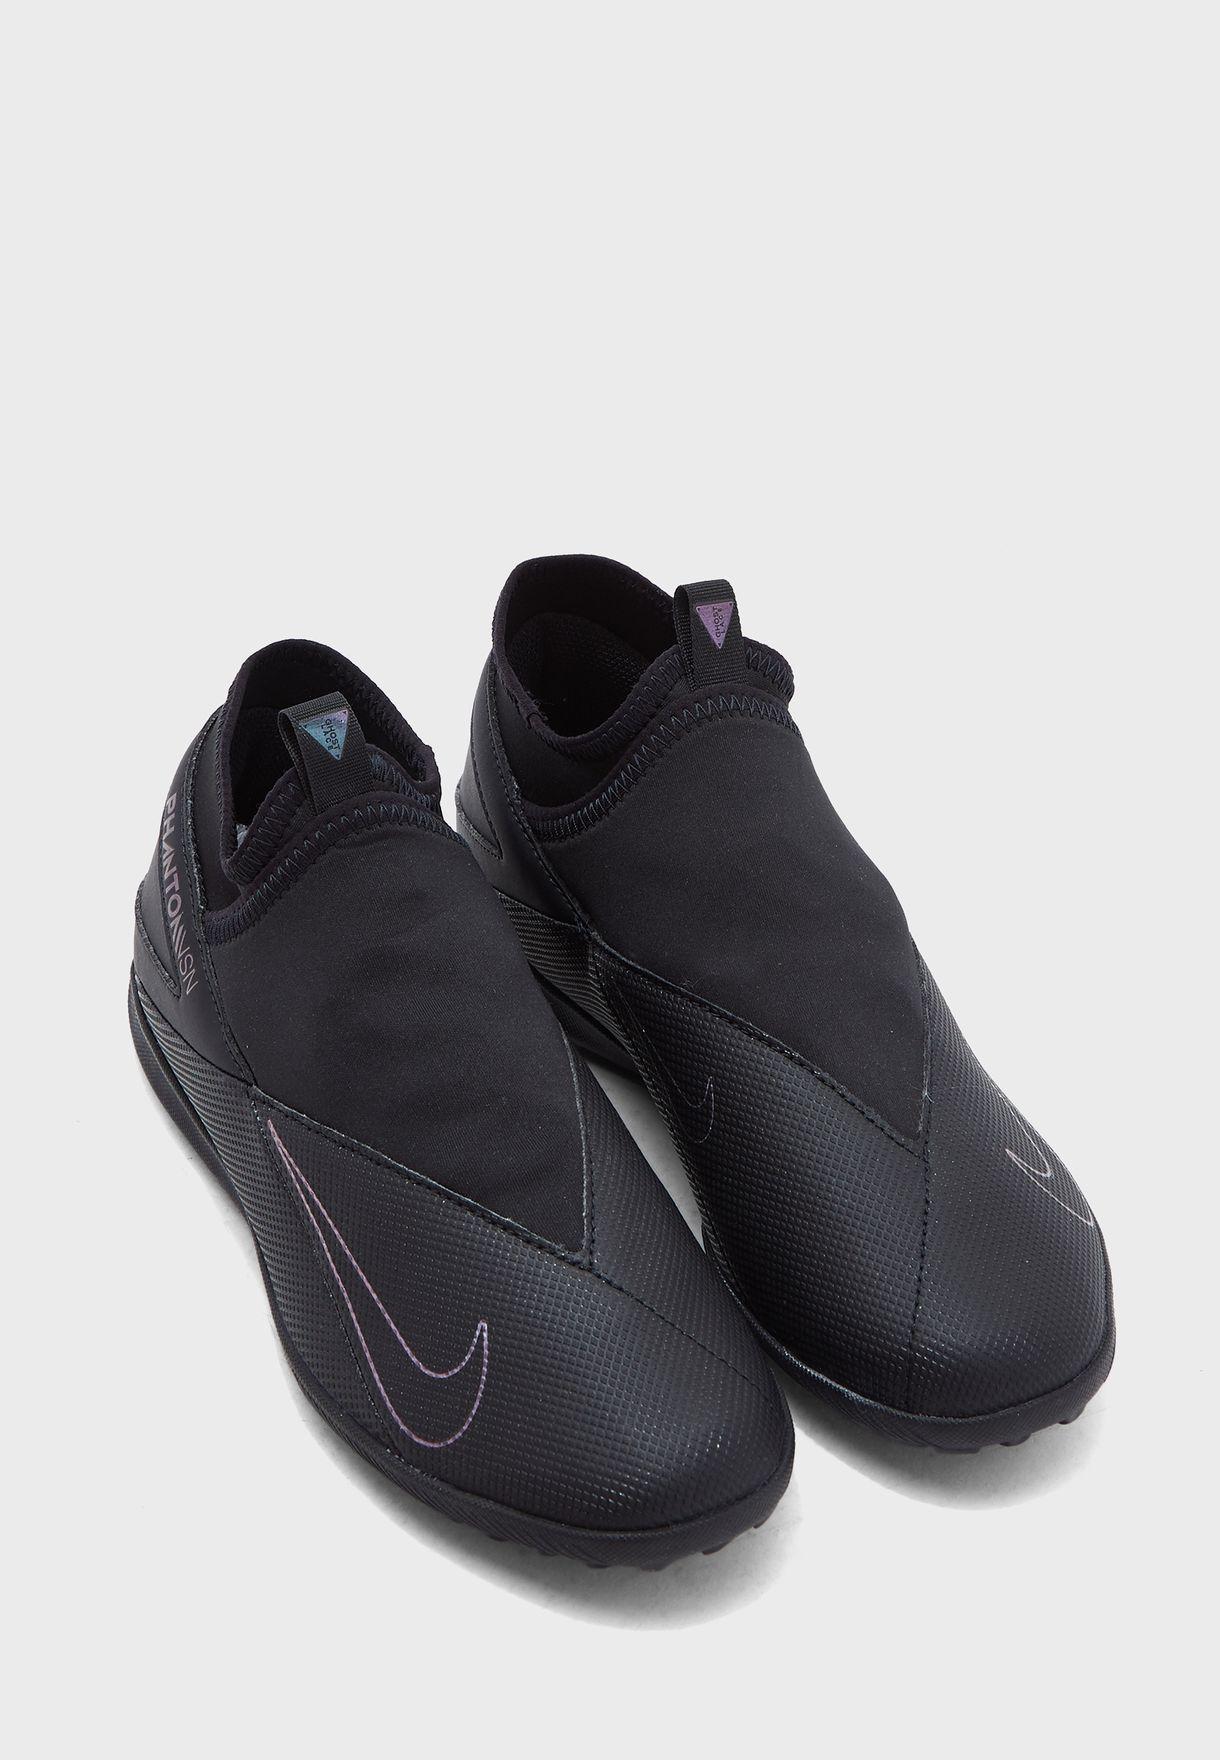 حذاء فانتوم في اس ان 2 كلوب دي اف / تي اف